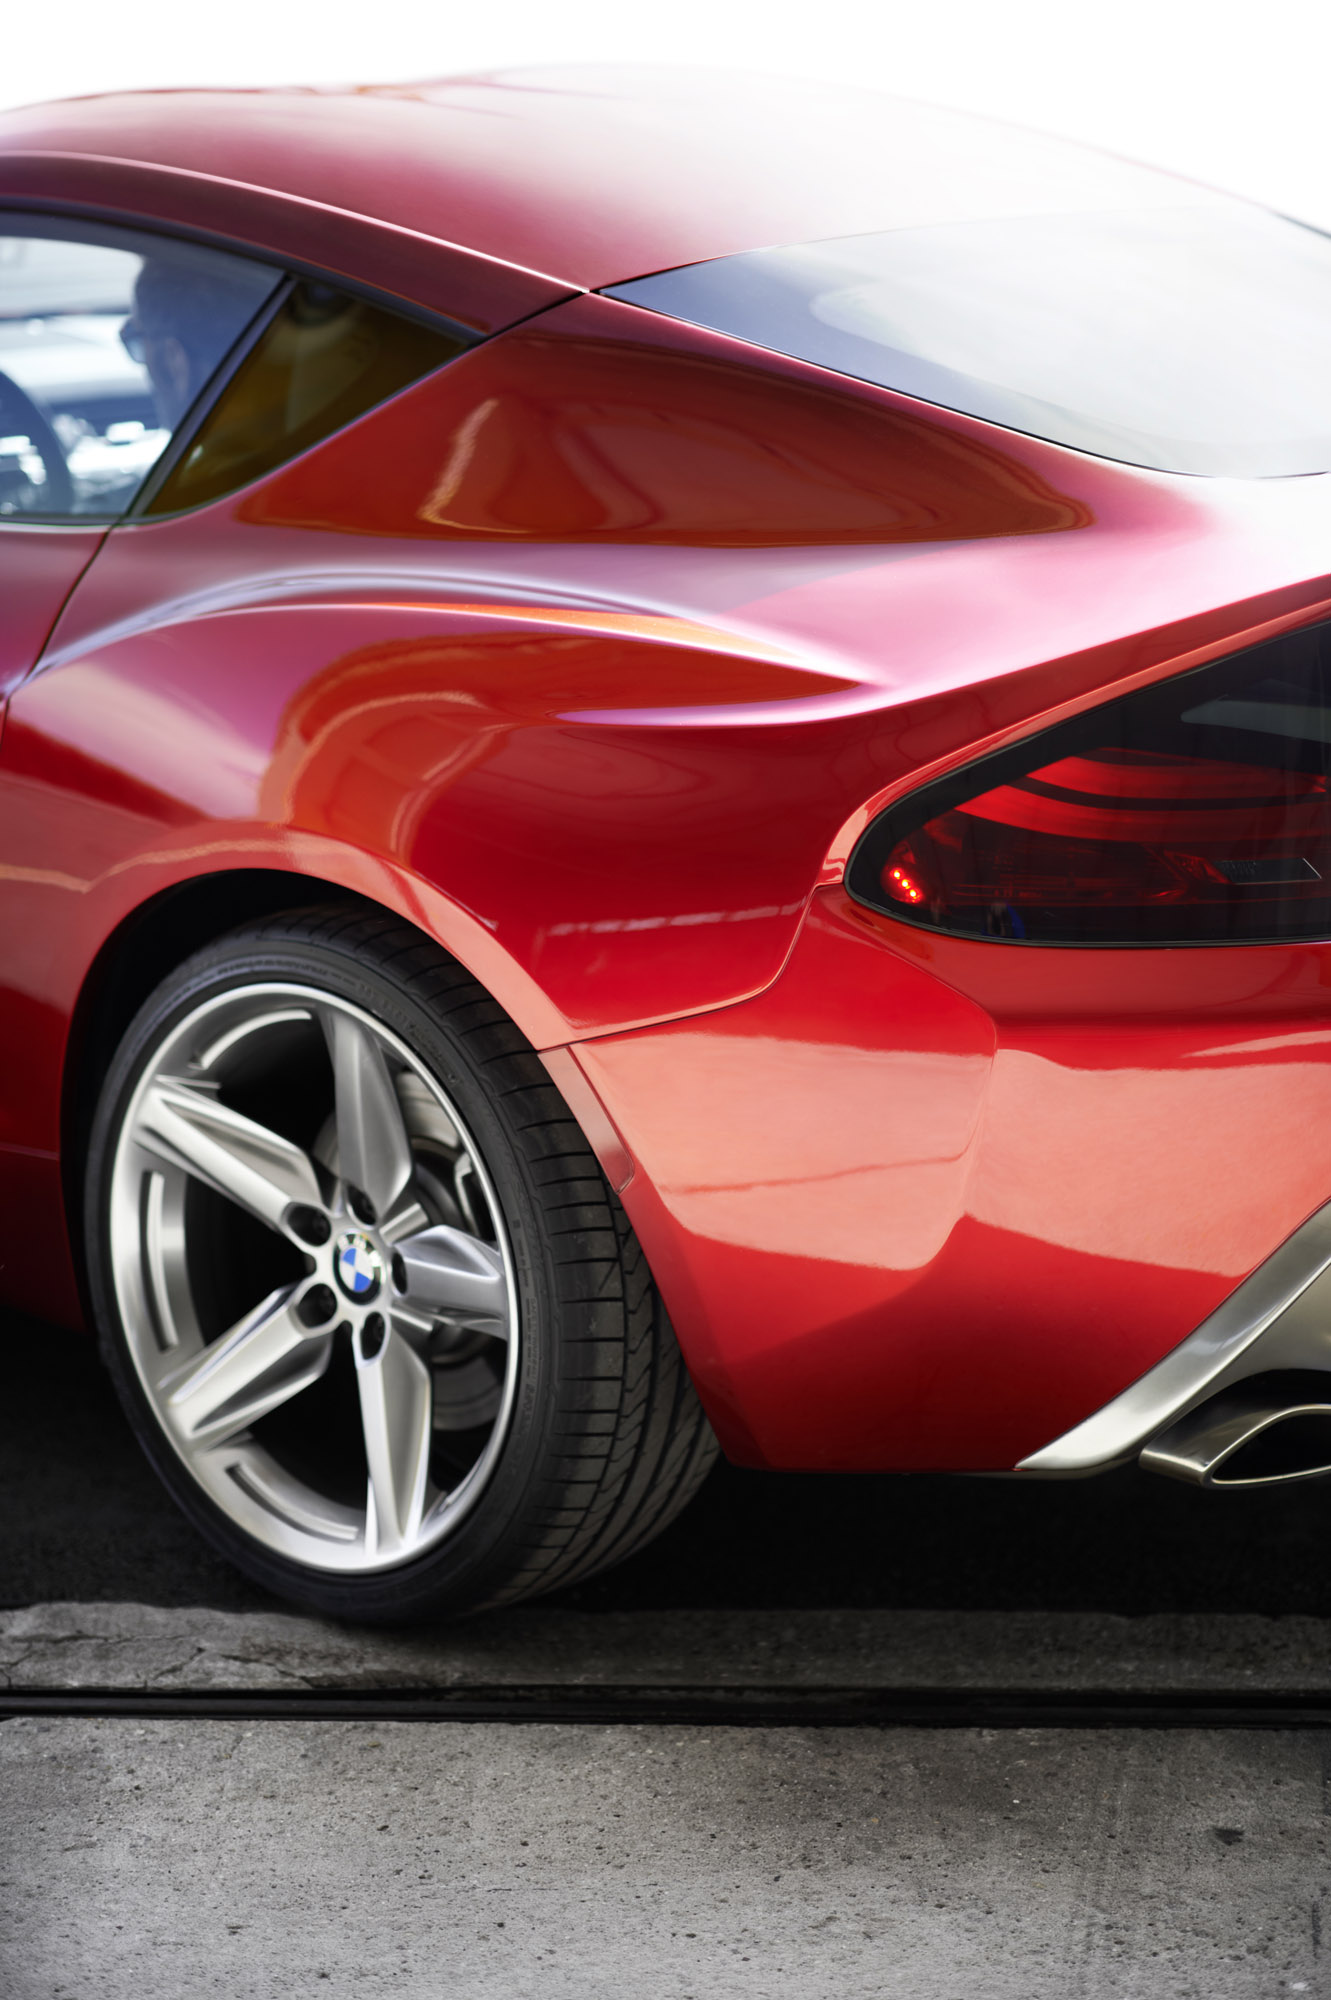 2012 BMW Zagato Coupe - Picture 69458